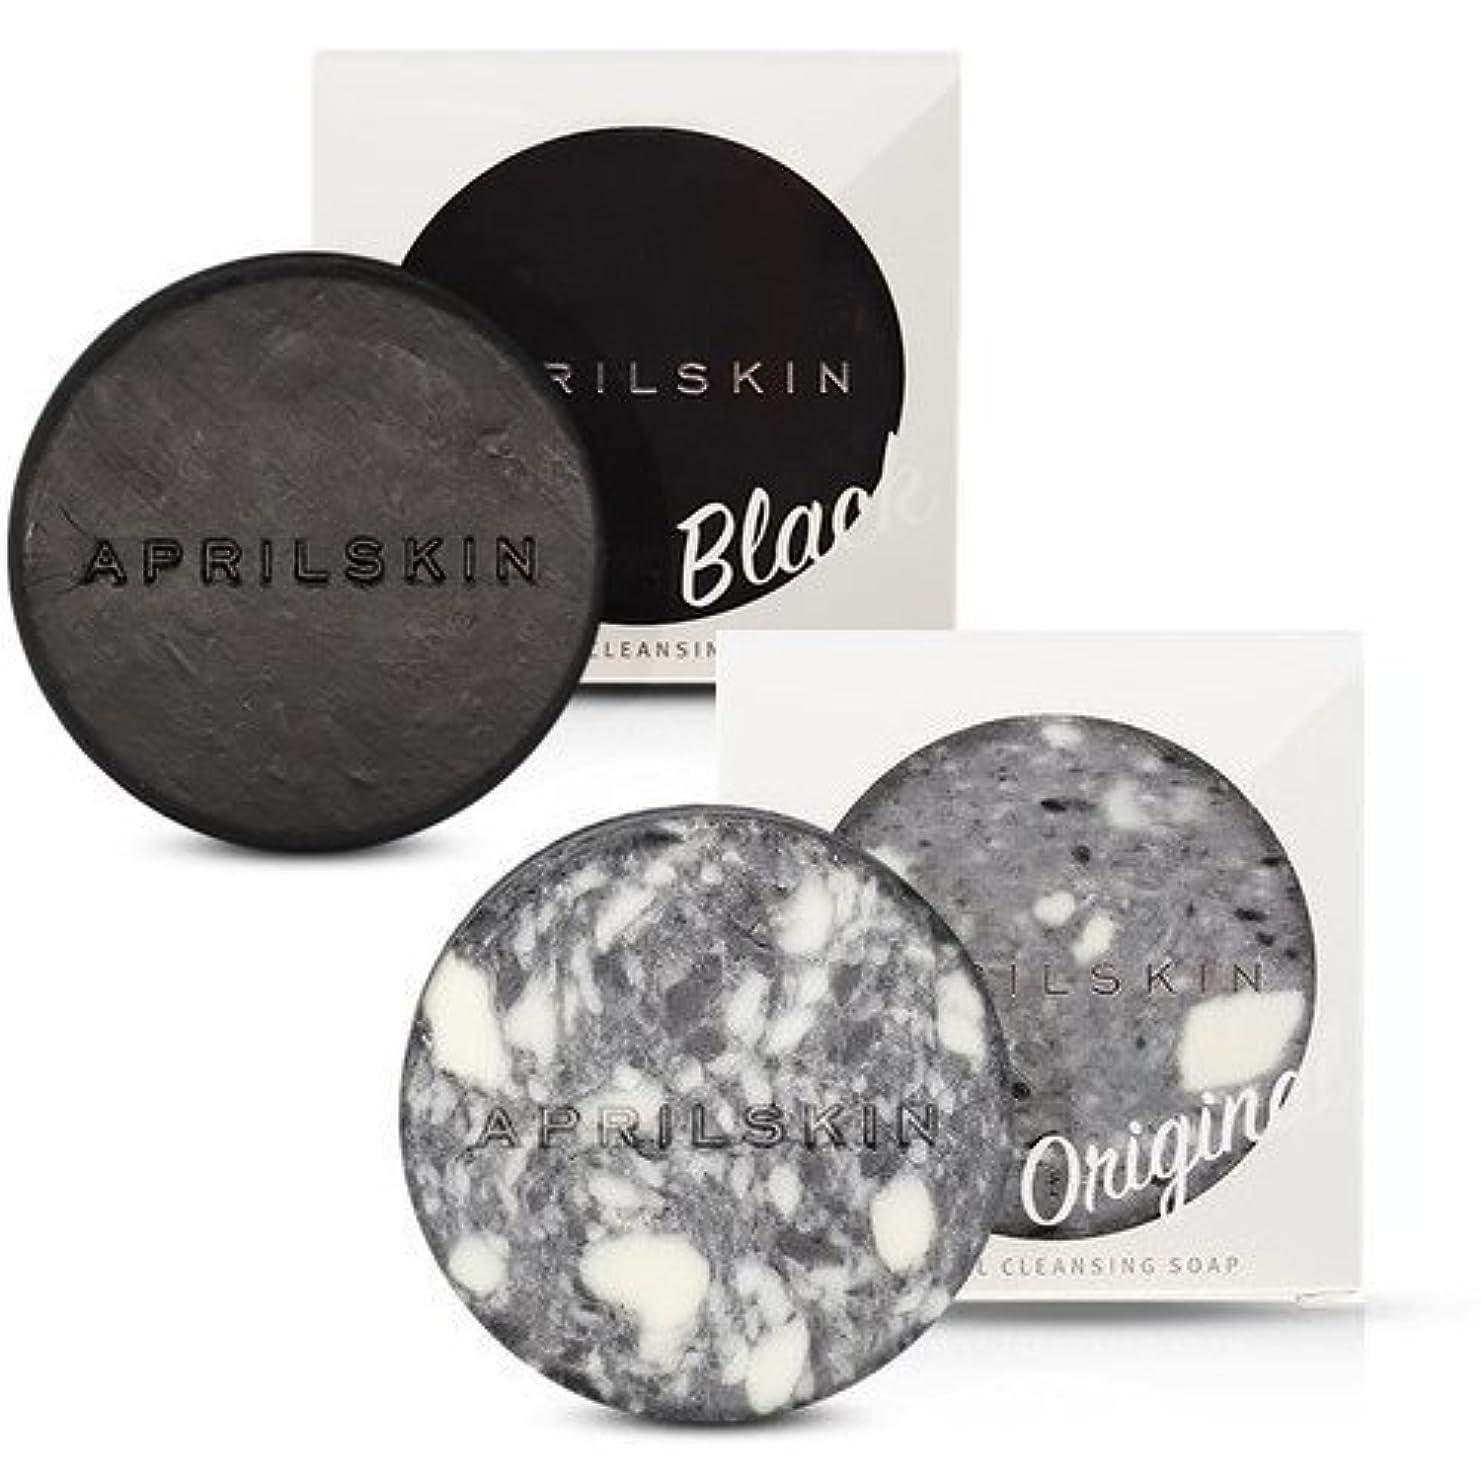 科学者ハンマー使い込む[1+1][APRILSKIN] エイプリルスキン国民石鹸 (APRIL SKIN マジックストーンのリニューアルバージョン新発売) (ORIGINAL+BLACK) [並行輸入品]